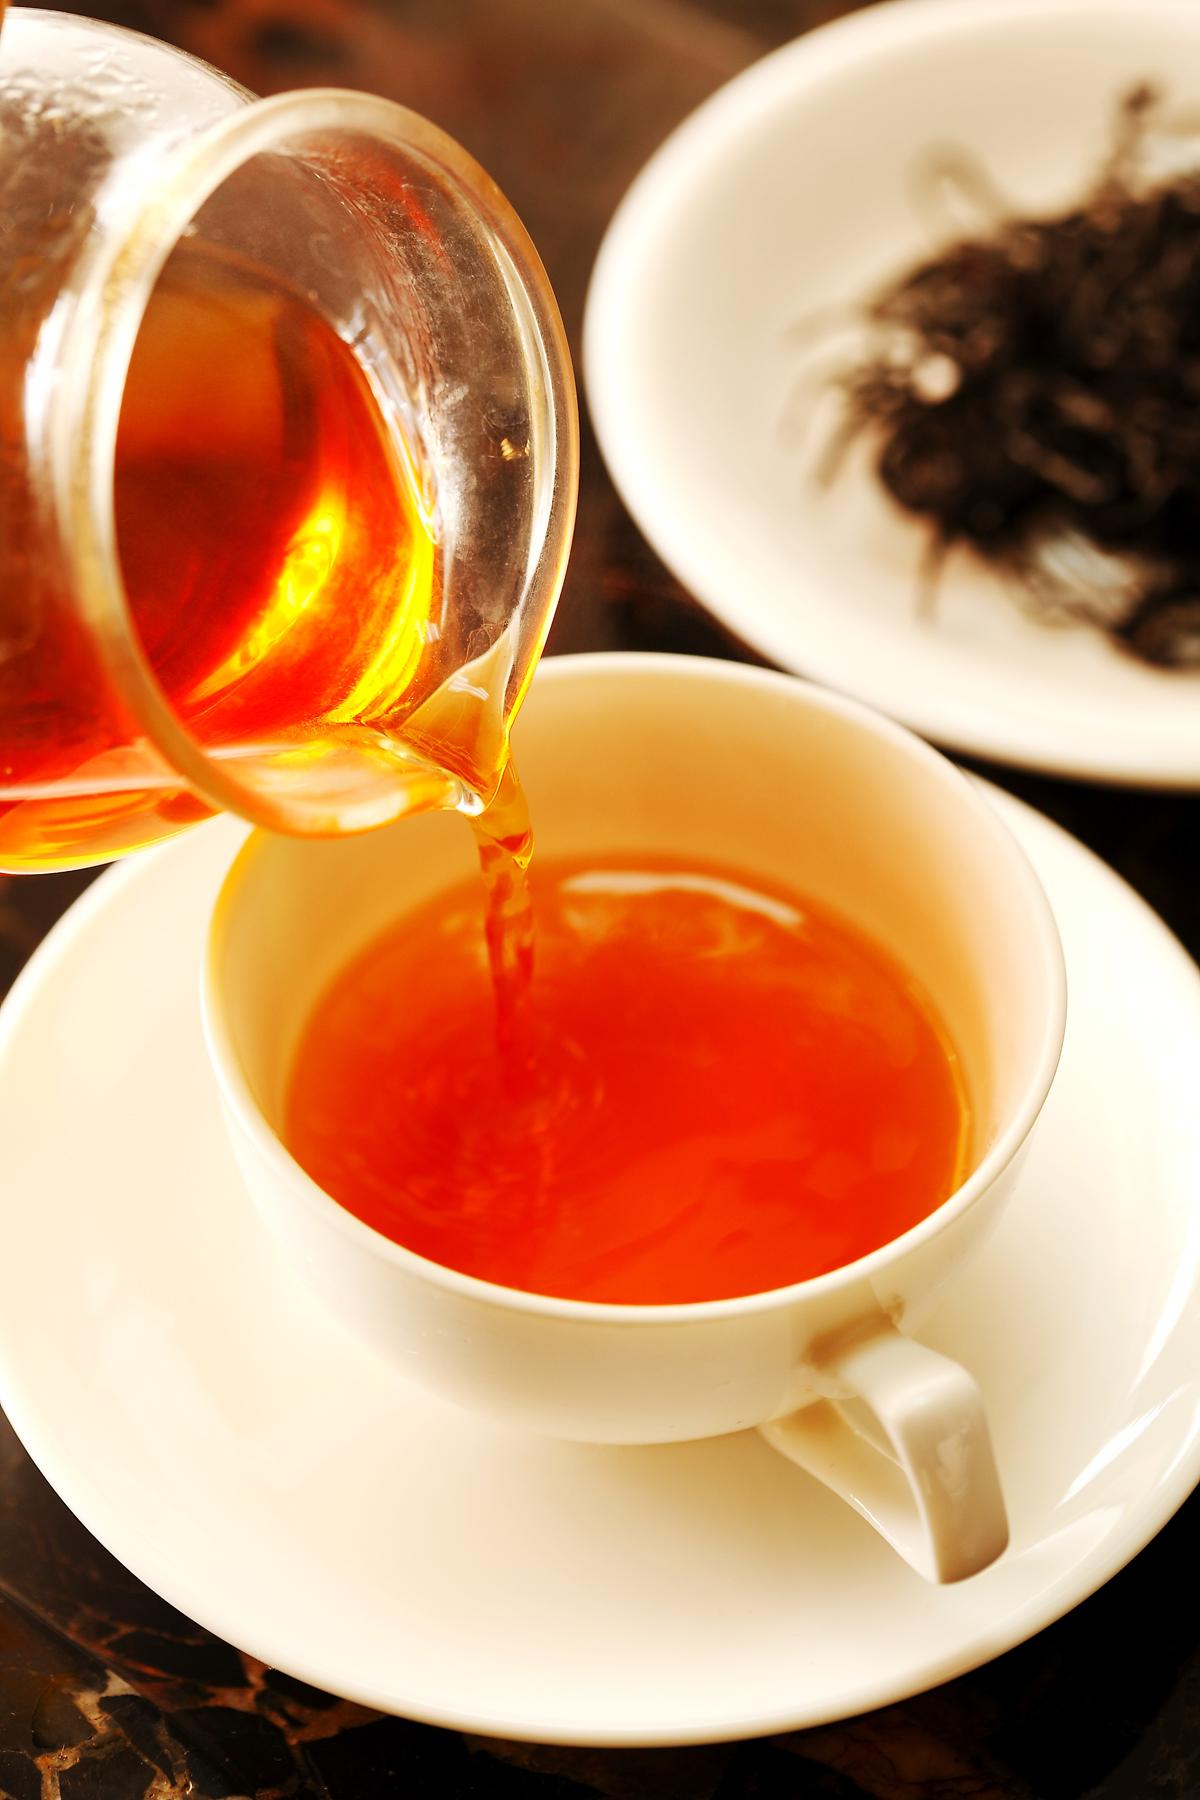 香茶巷40號的紅茶,與眾不同之處大公開!